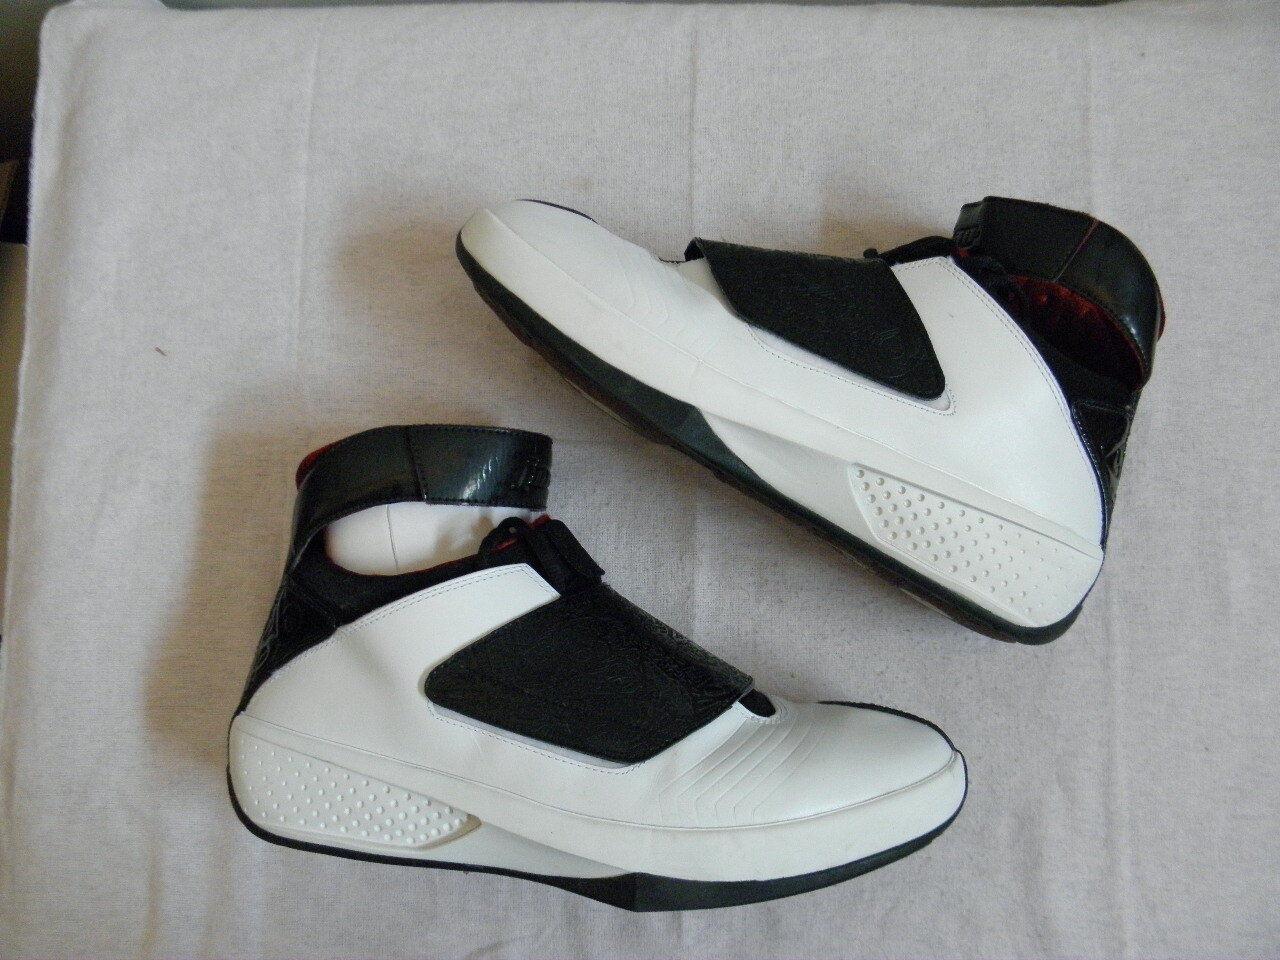 Nike Air Jordan XX 20 QUICKSTRIKE edition Original 2005 size 11 OG Original edition never retroed 63fe38